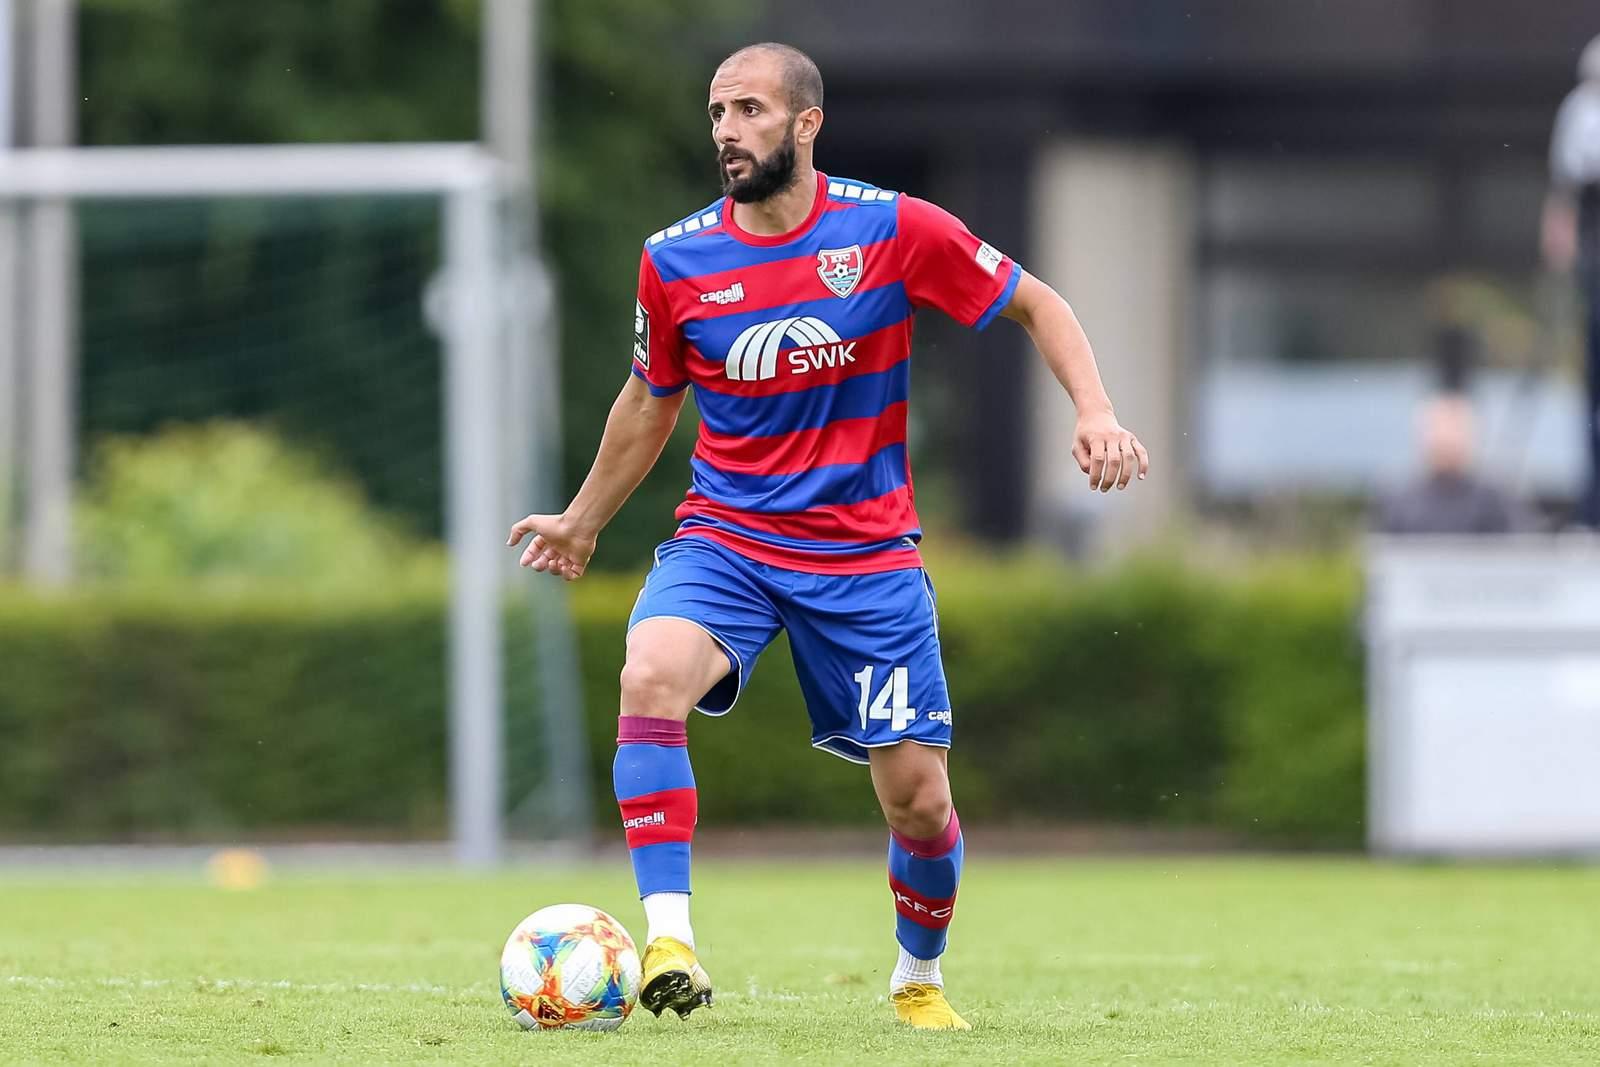 Necirwan Khalil Mohammad im Testspiel gegen Charleroi.